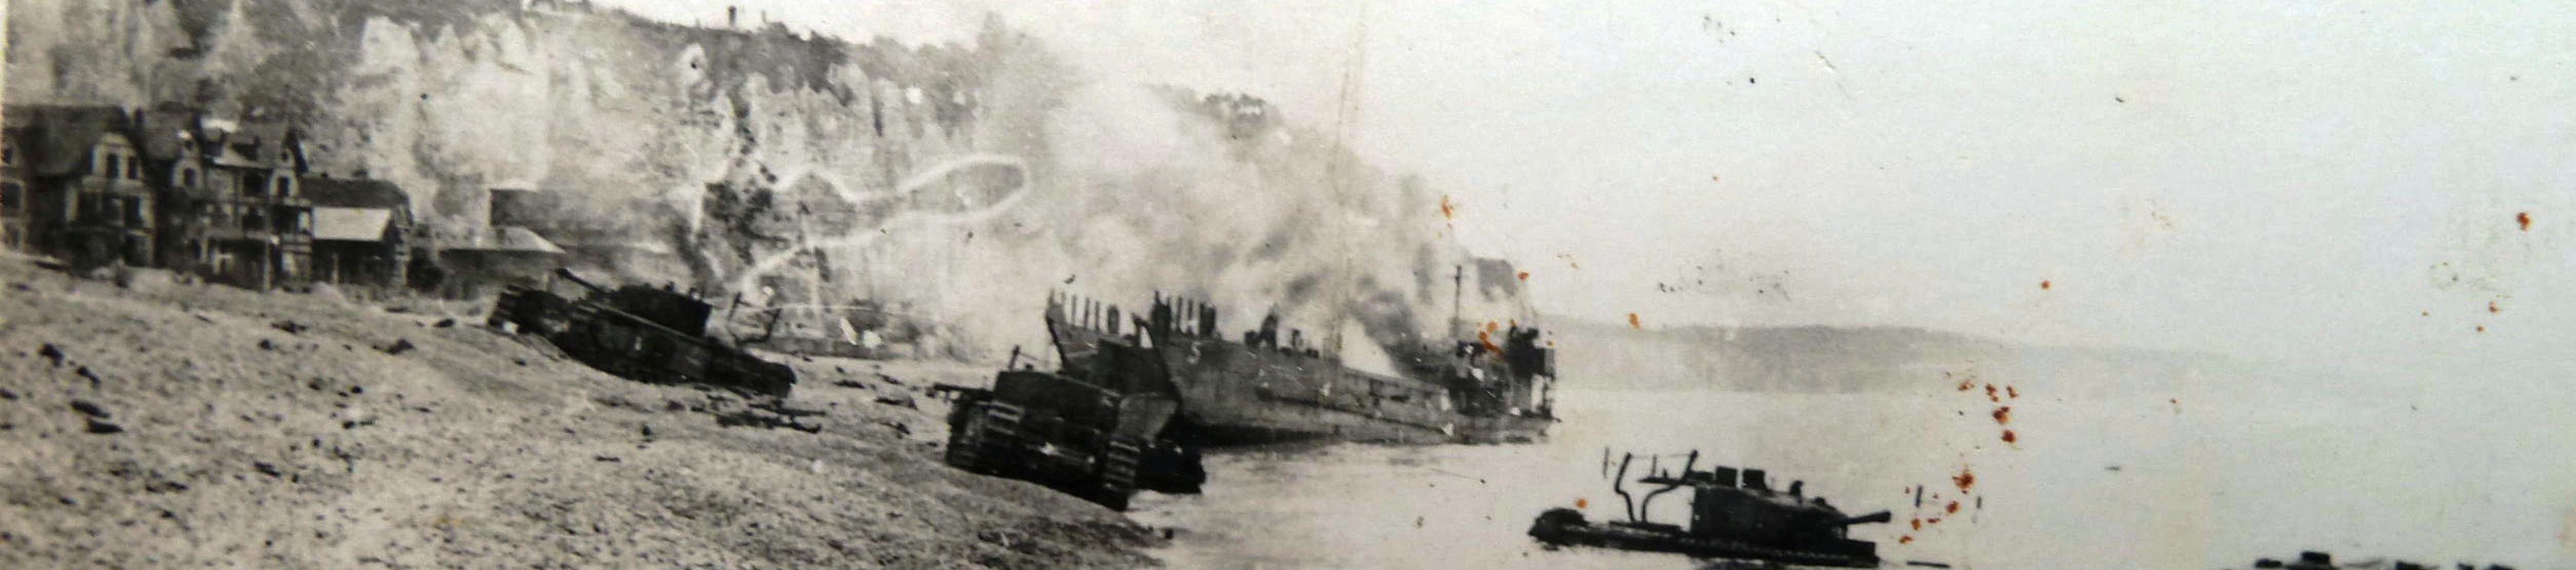 Dieppe Raid3